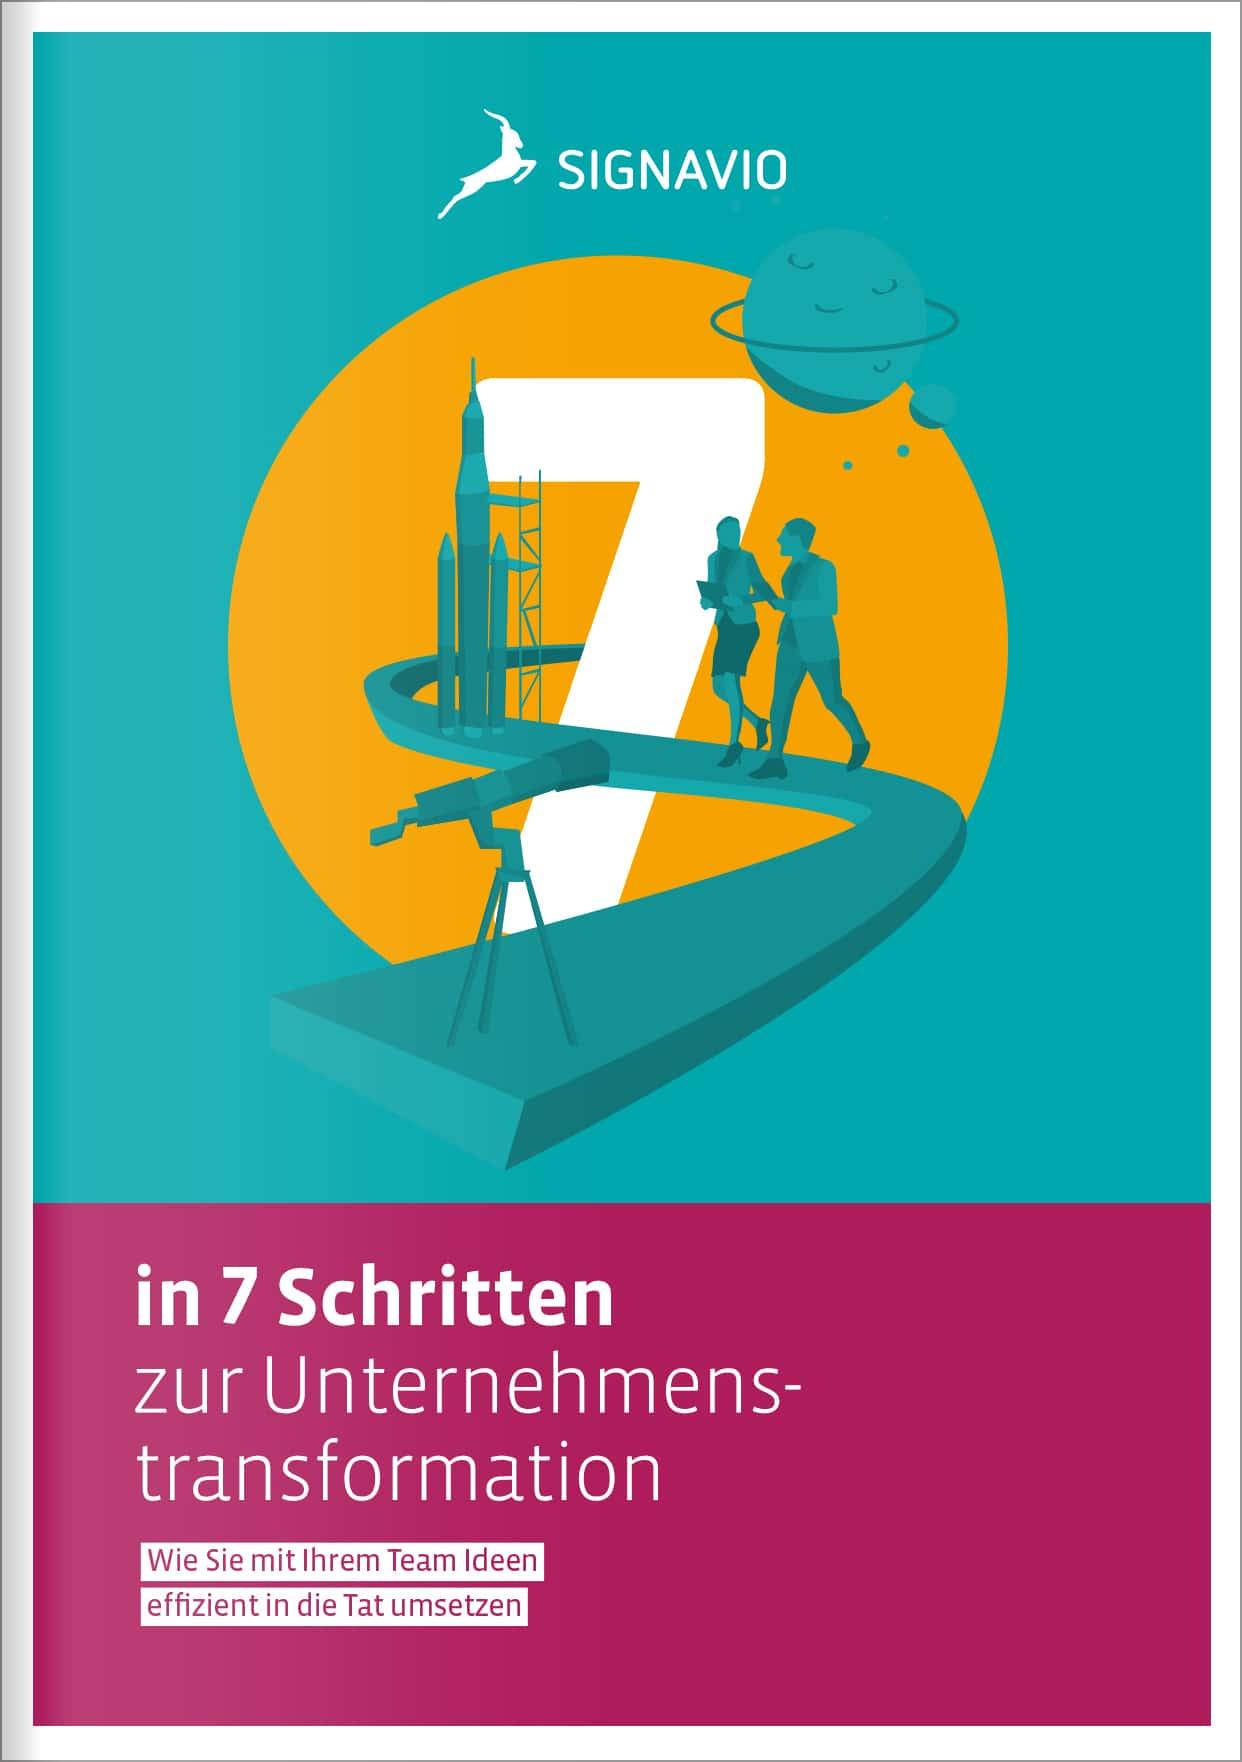 In 7 Schritten zur Unternehmenstransformation (de)